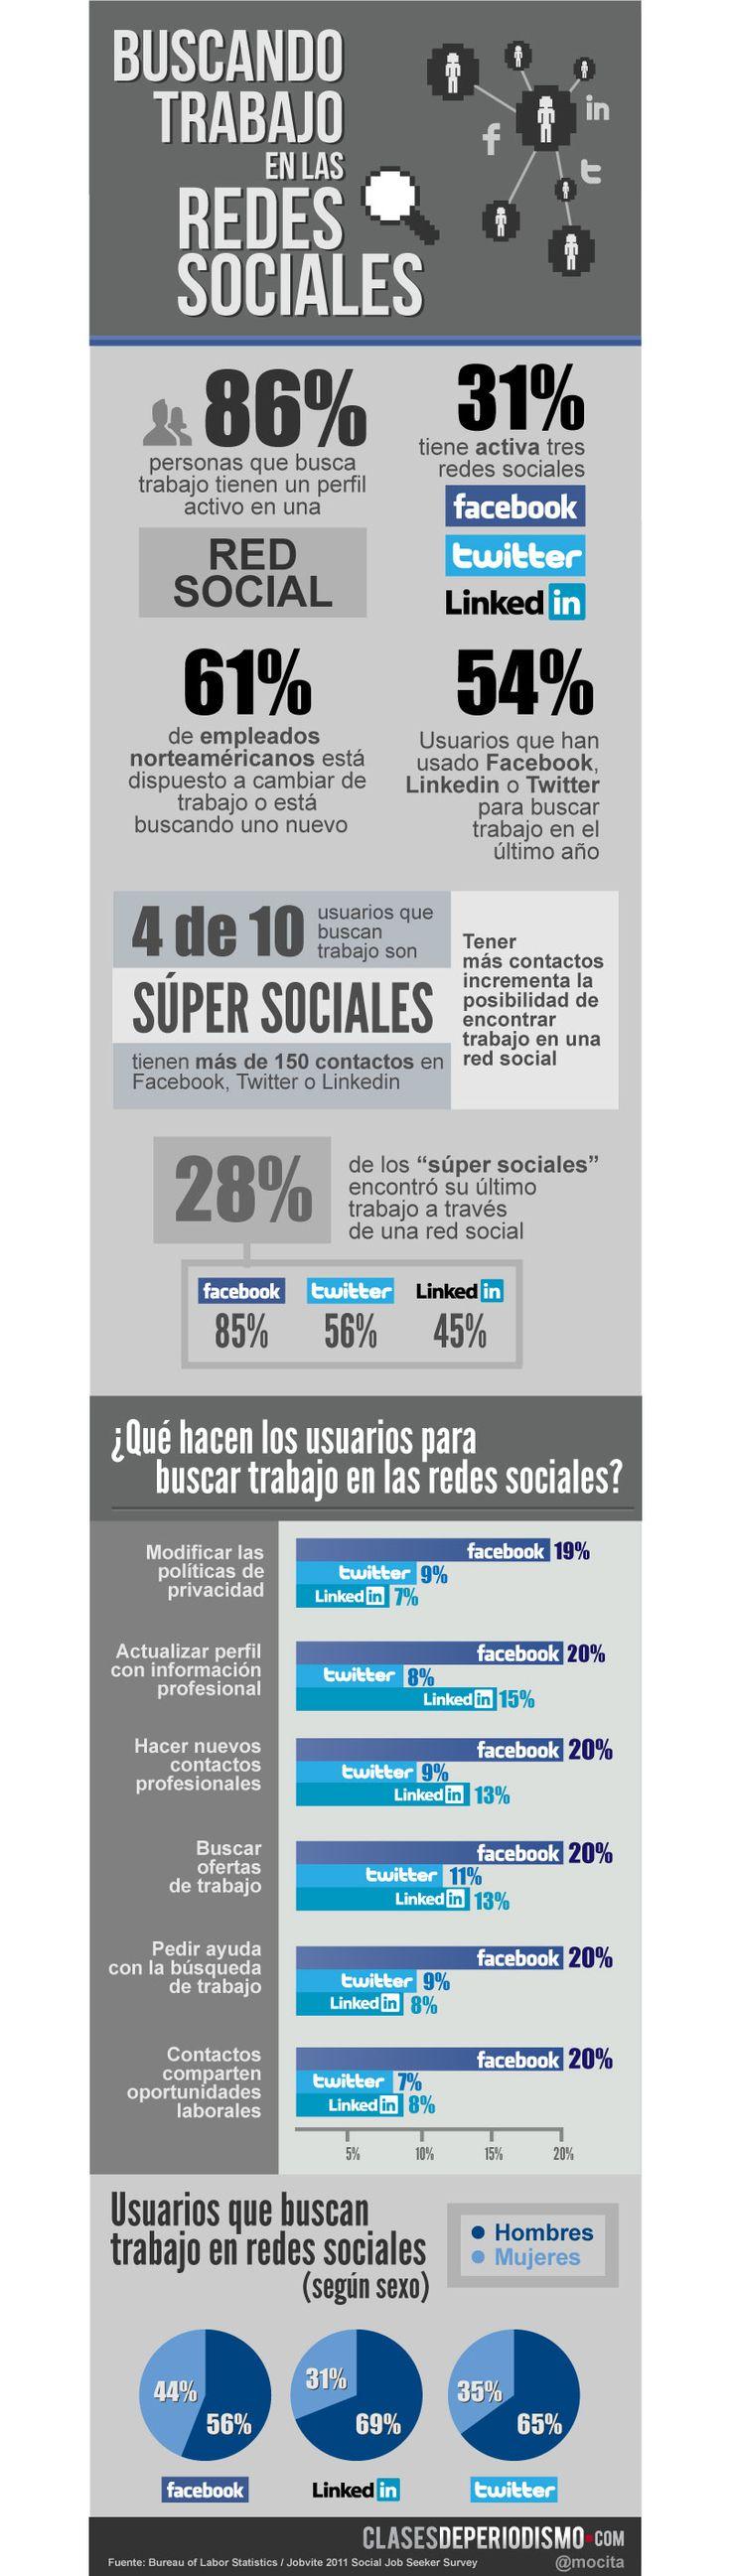 Las redes sociales están sirviendo para que muchas personas tengan un empleo. En esta infografía tienes algunas cifras.